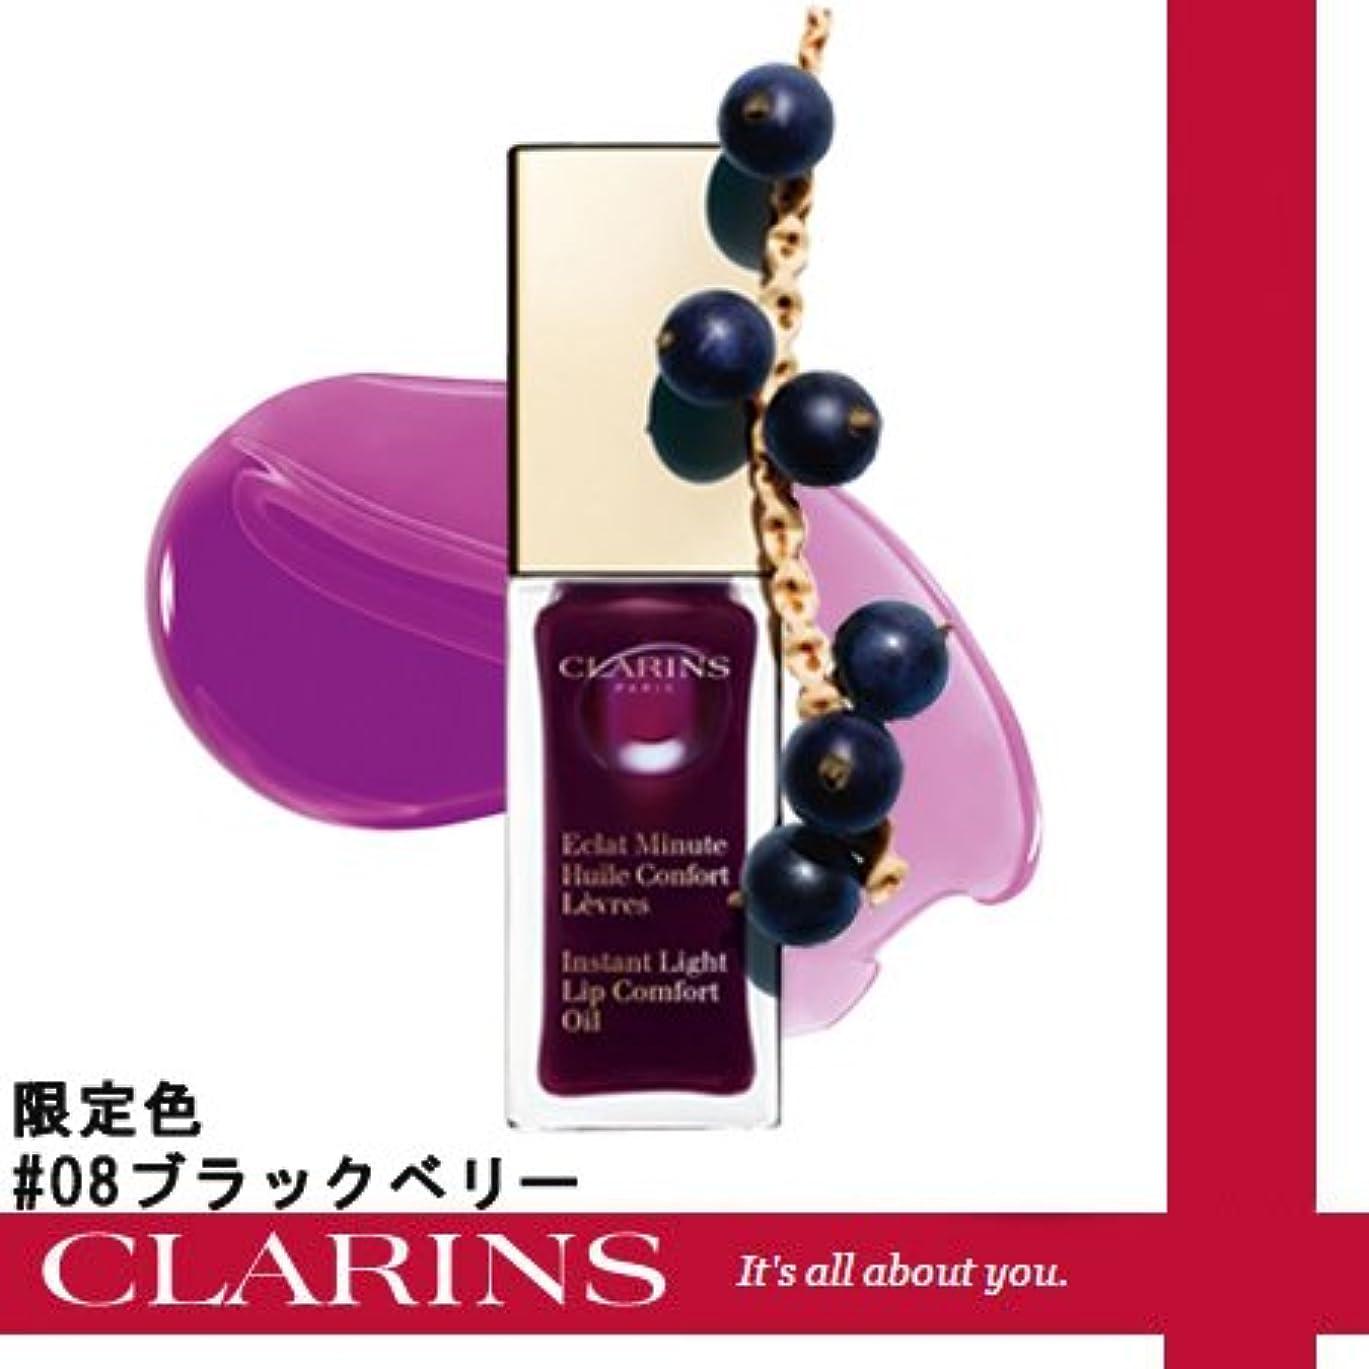 宝コンパニオン収縮クラランス コンフォート リップ オイル #08 ブラックベリー 【限定色】 -CLARINS-